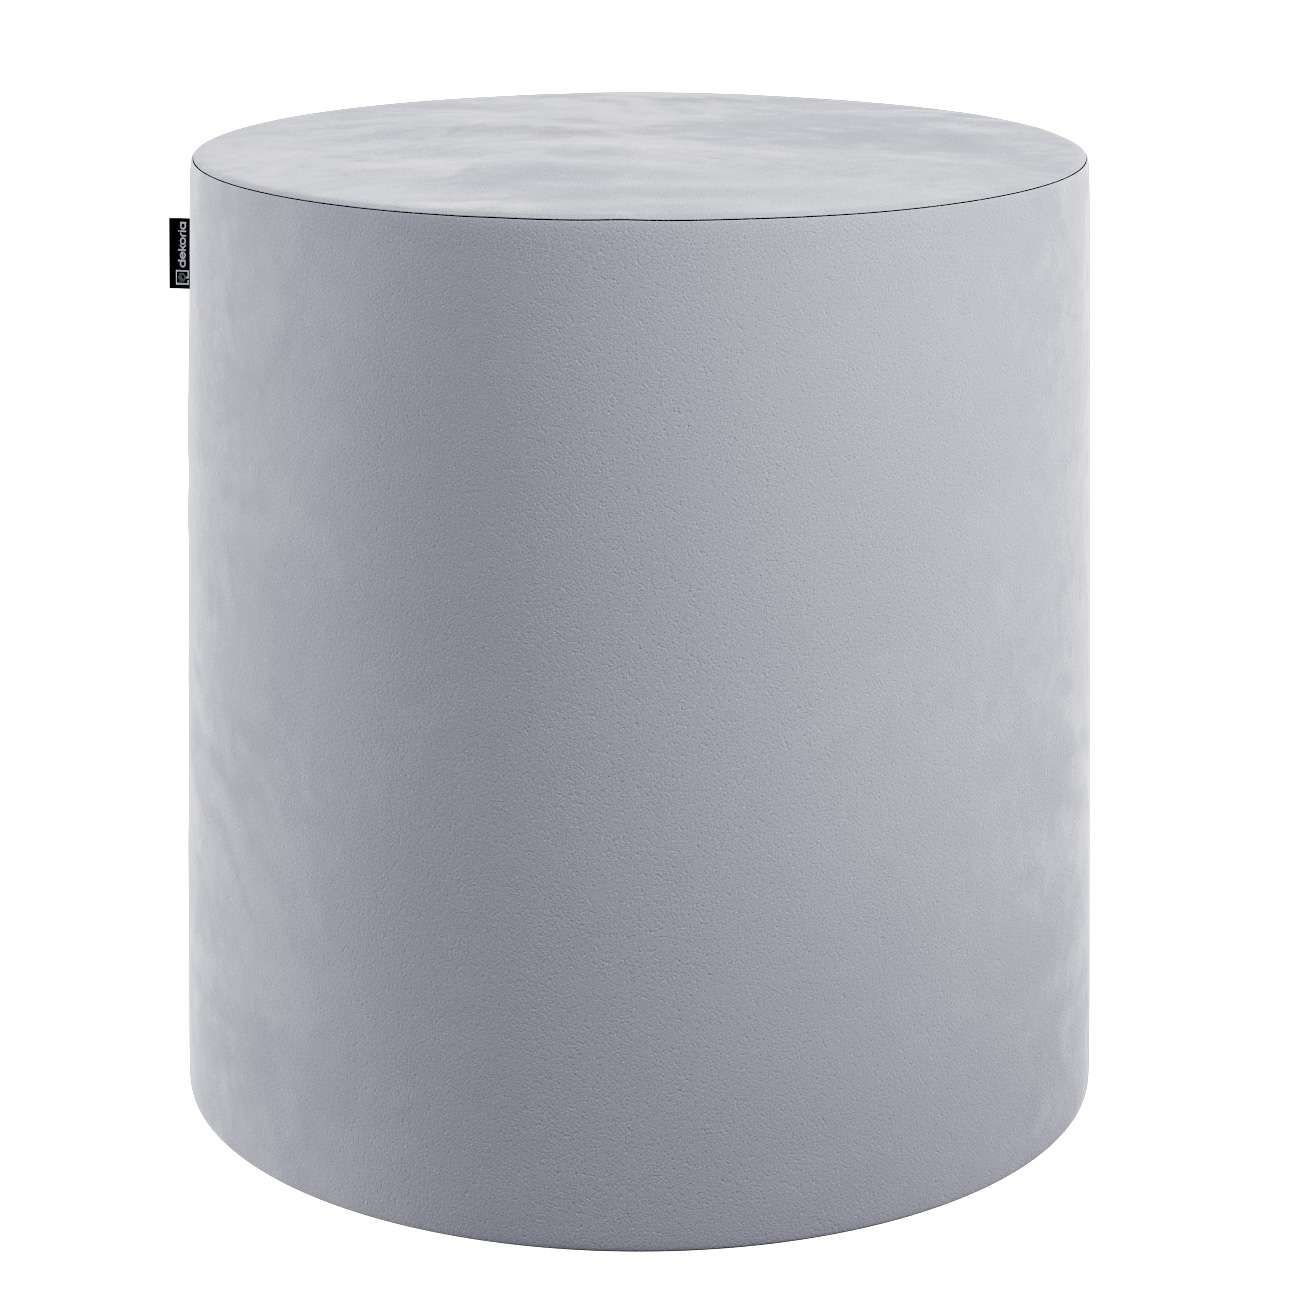 Pouf Barrel, grau, ø40 × 40 cm, Velvet | Wohnzimmer > Hocker & Poufs > Poufs | Stoff | Dekoria